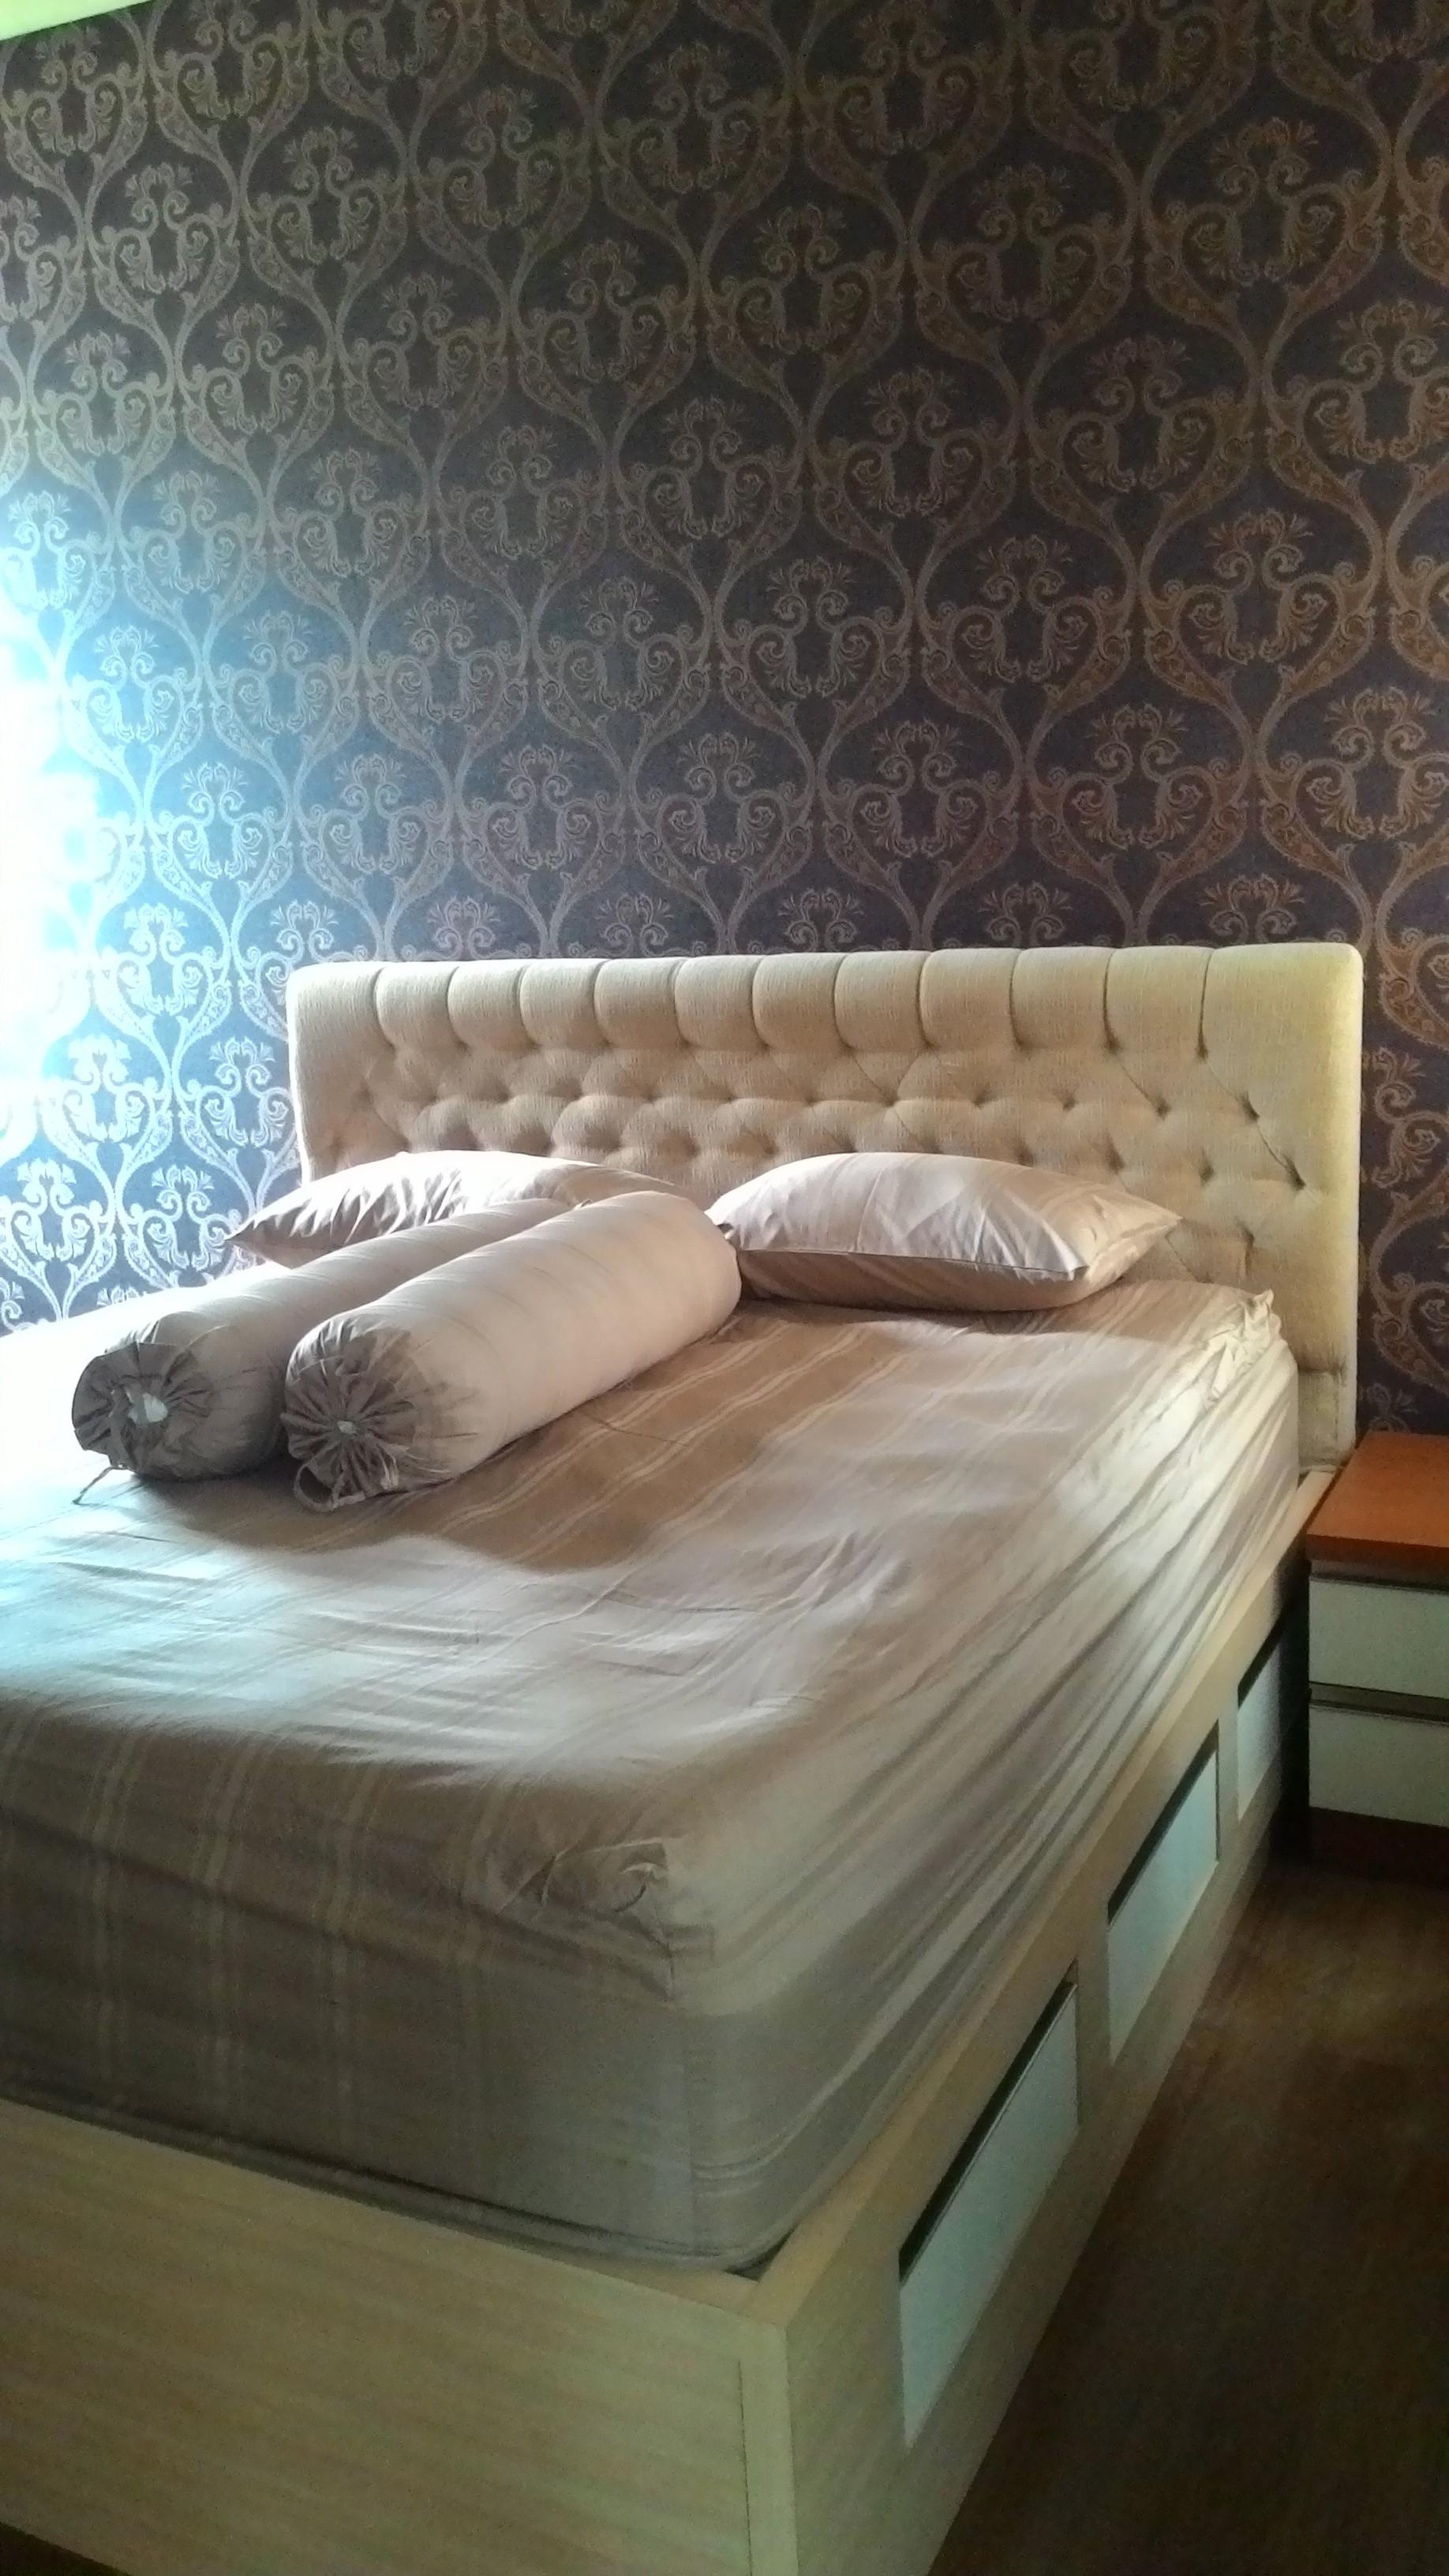 Bed Set Disain Kamar Minimalis  kitchensetbogor